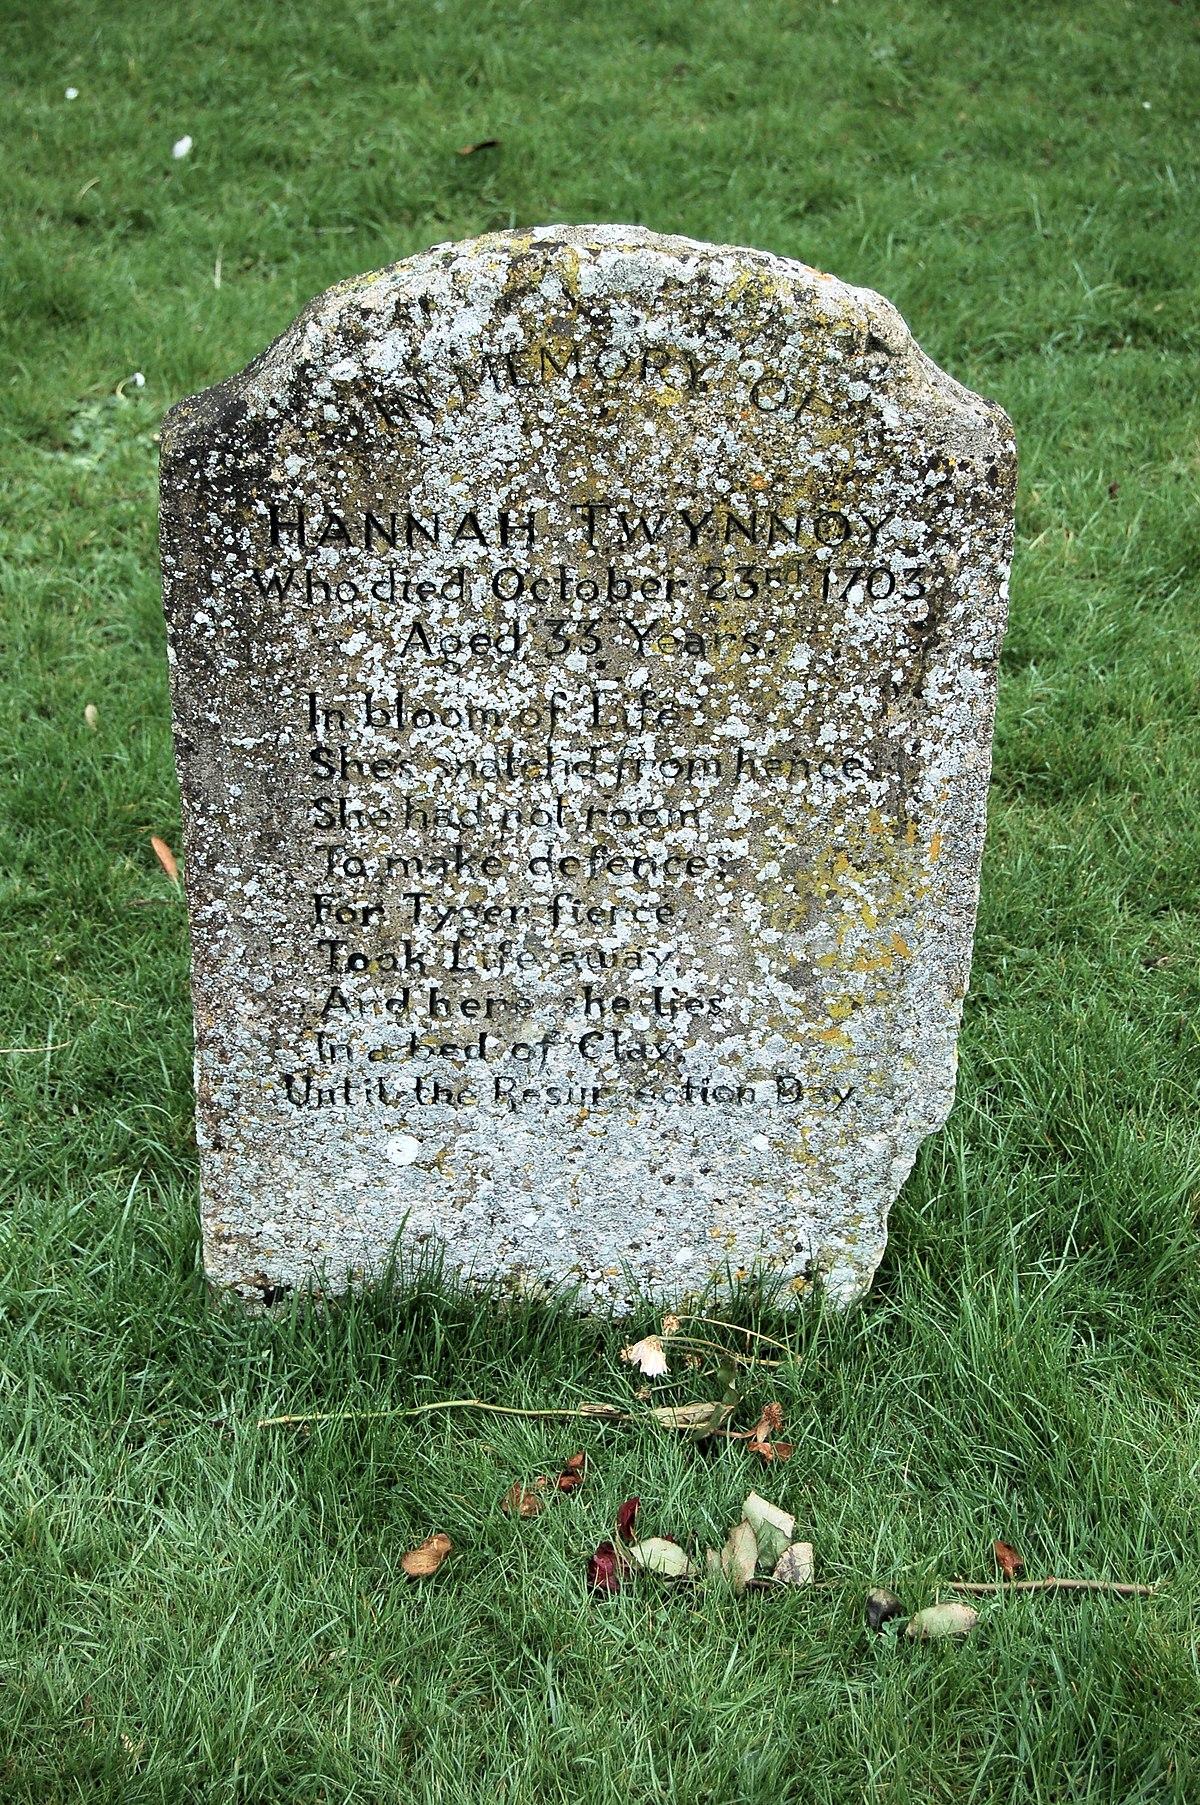 Hannah Twynnoy - Wikipedia